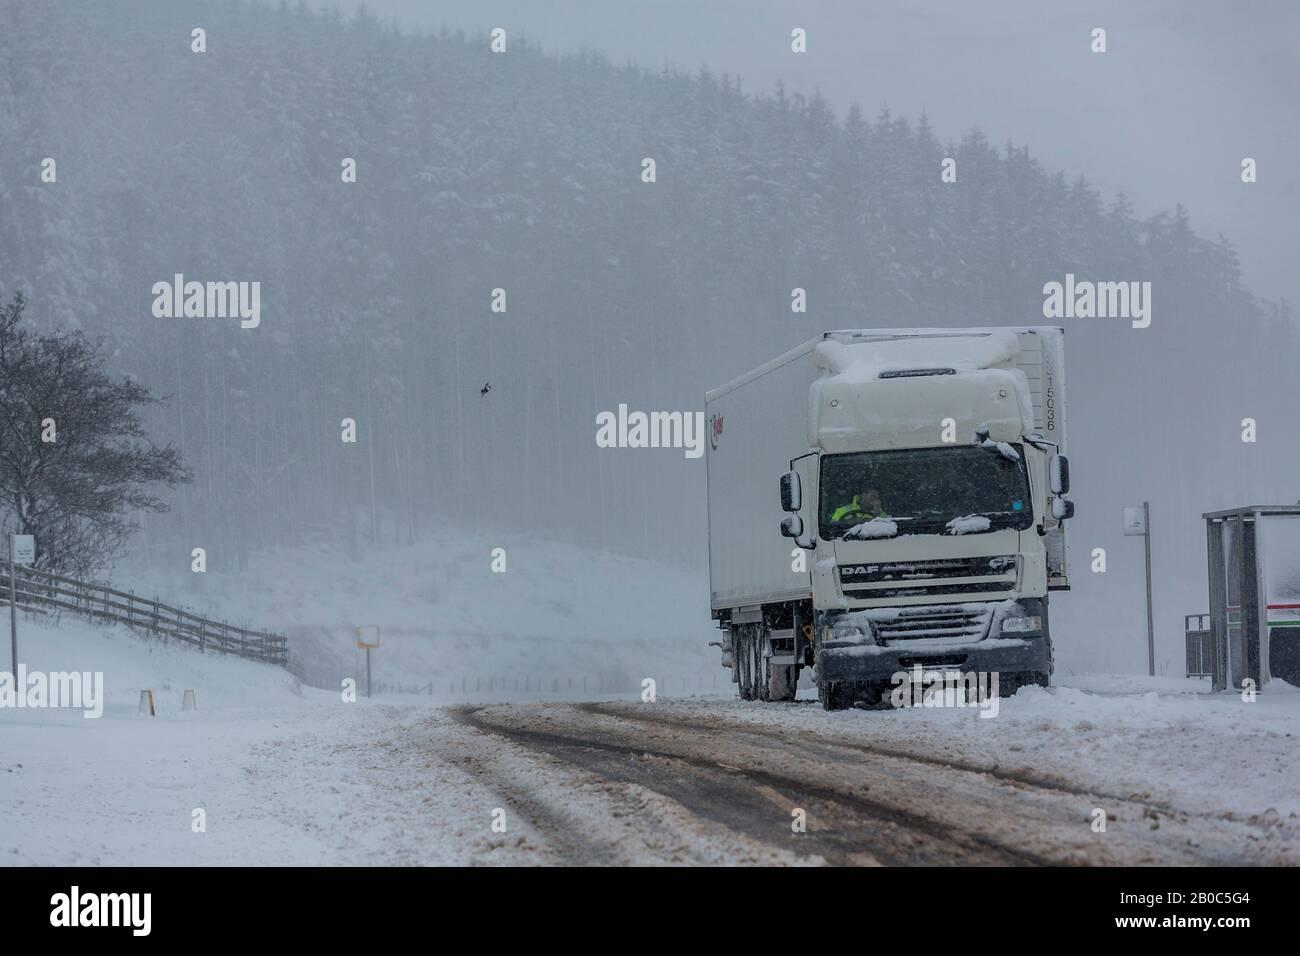 10.12.17 EIN LKW setzt sich aus dem Schnee, nachdem er an den Geschichtenarmen auf der A470 in Südwales festgefahren ist. ©James Davies / James Davies Photography. Stockfoto